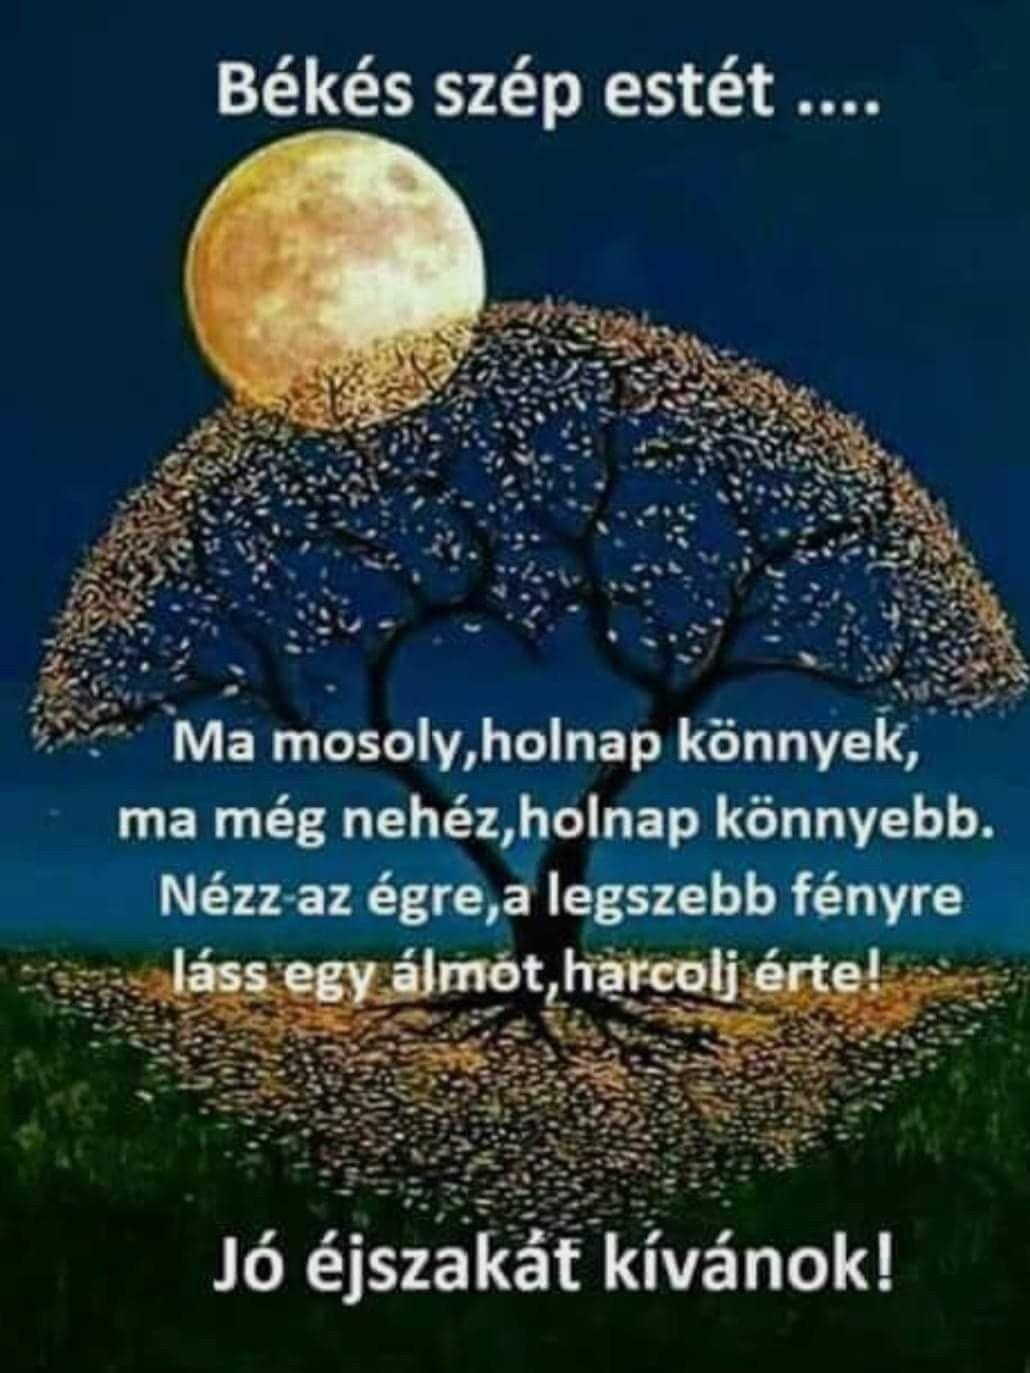 szépséges idézetek Pin by Erzsébet Kovácsné Szabó on idézet   Good morning good night